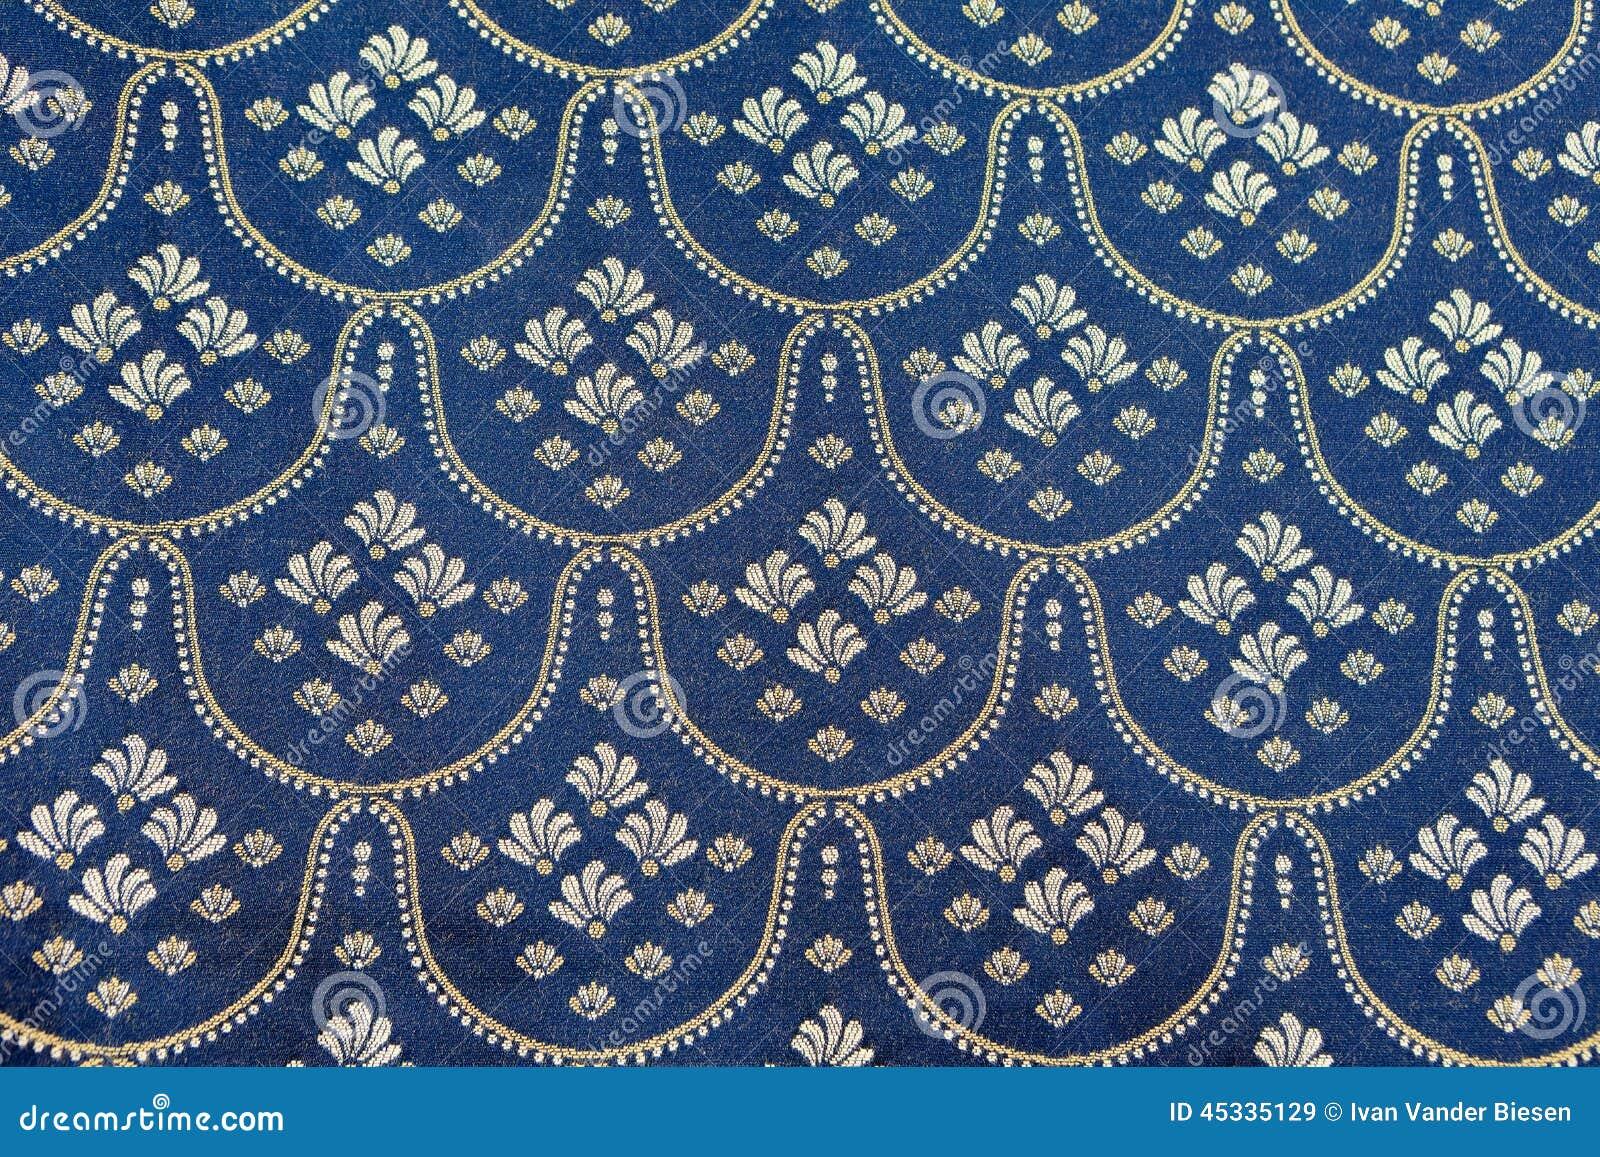 Bedspread designs texture - Vintage Blue Silver Bed Spread